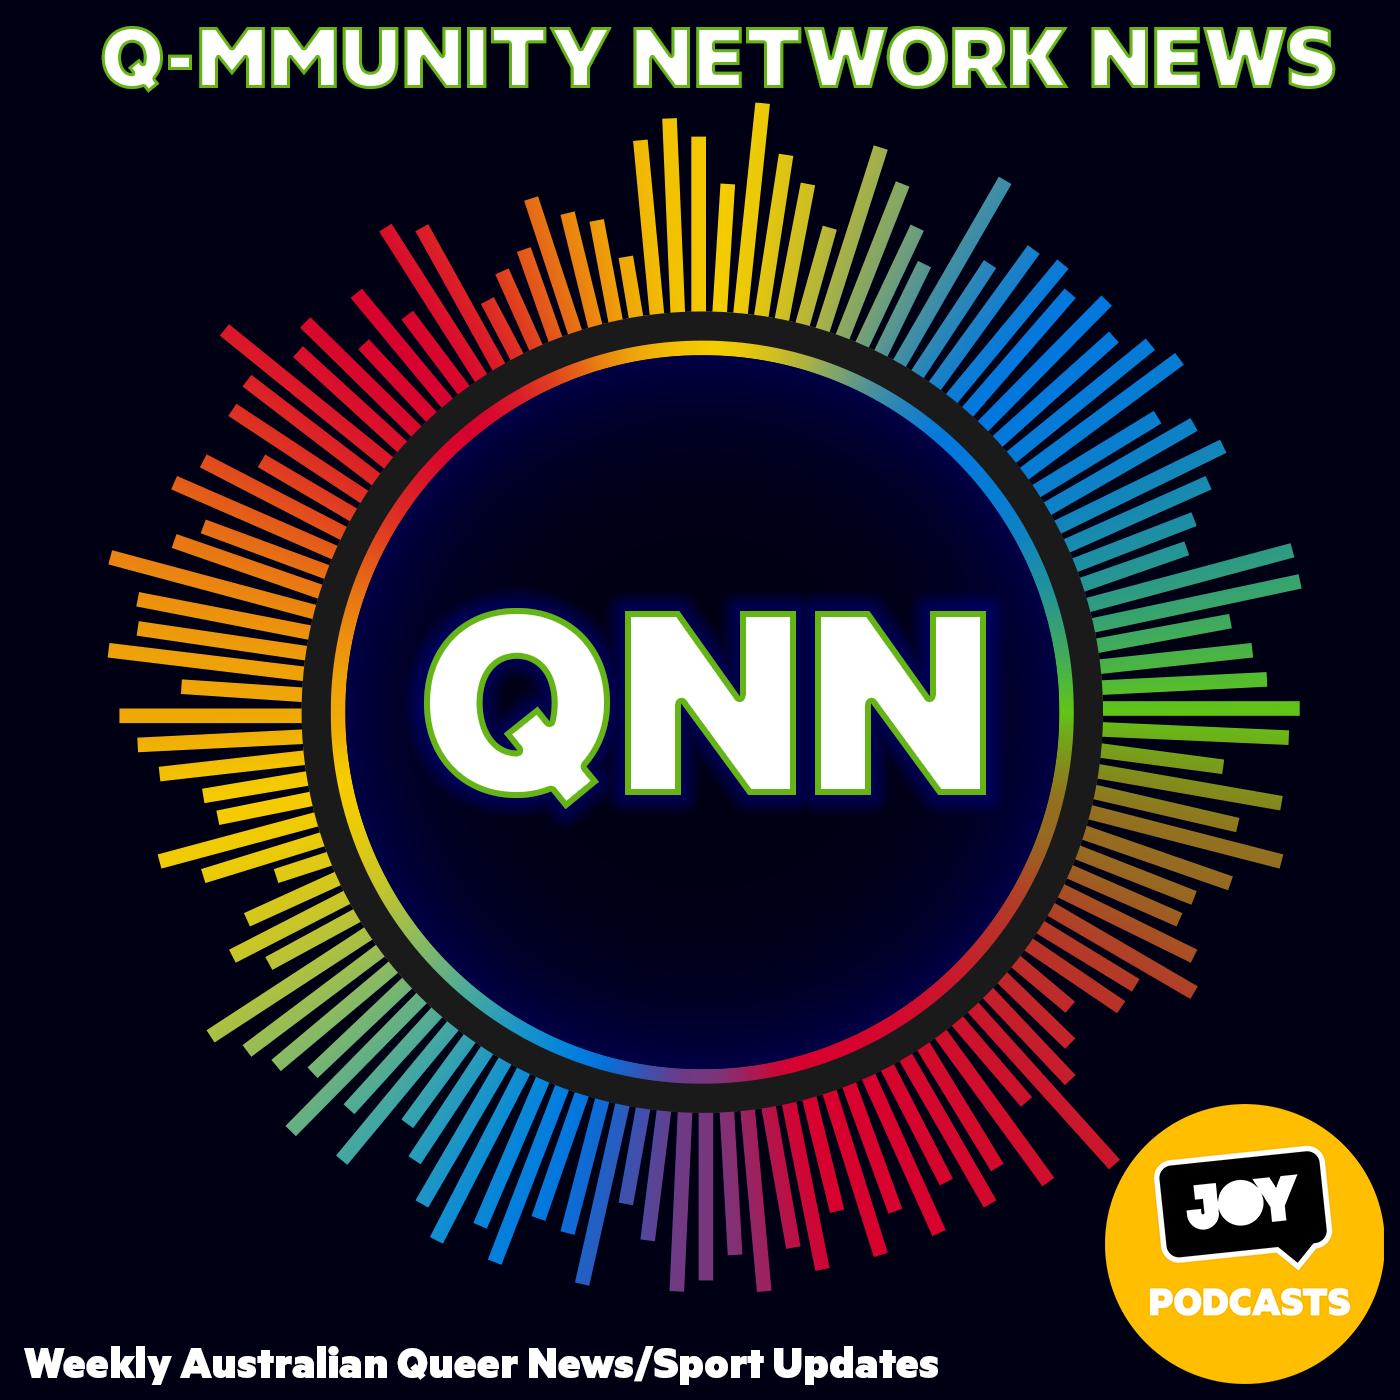 QNN – Australian Queer News for week of 15 Sept 2021